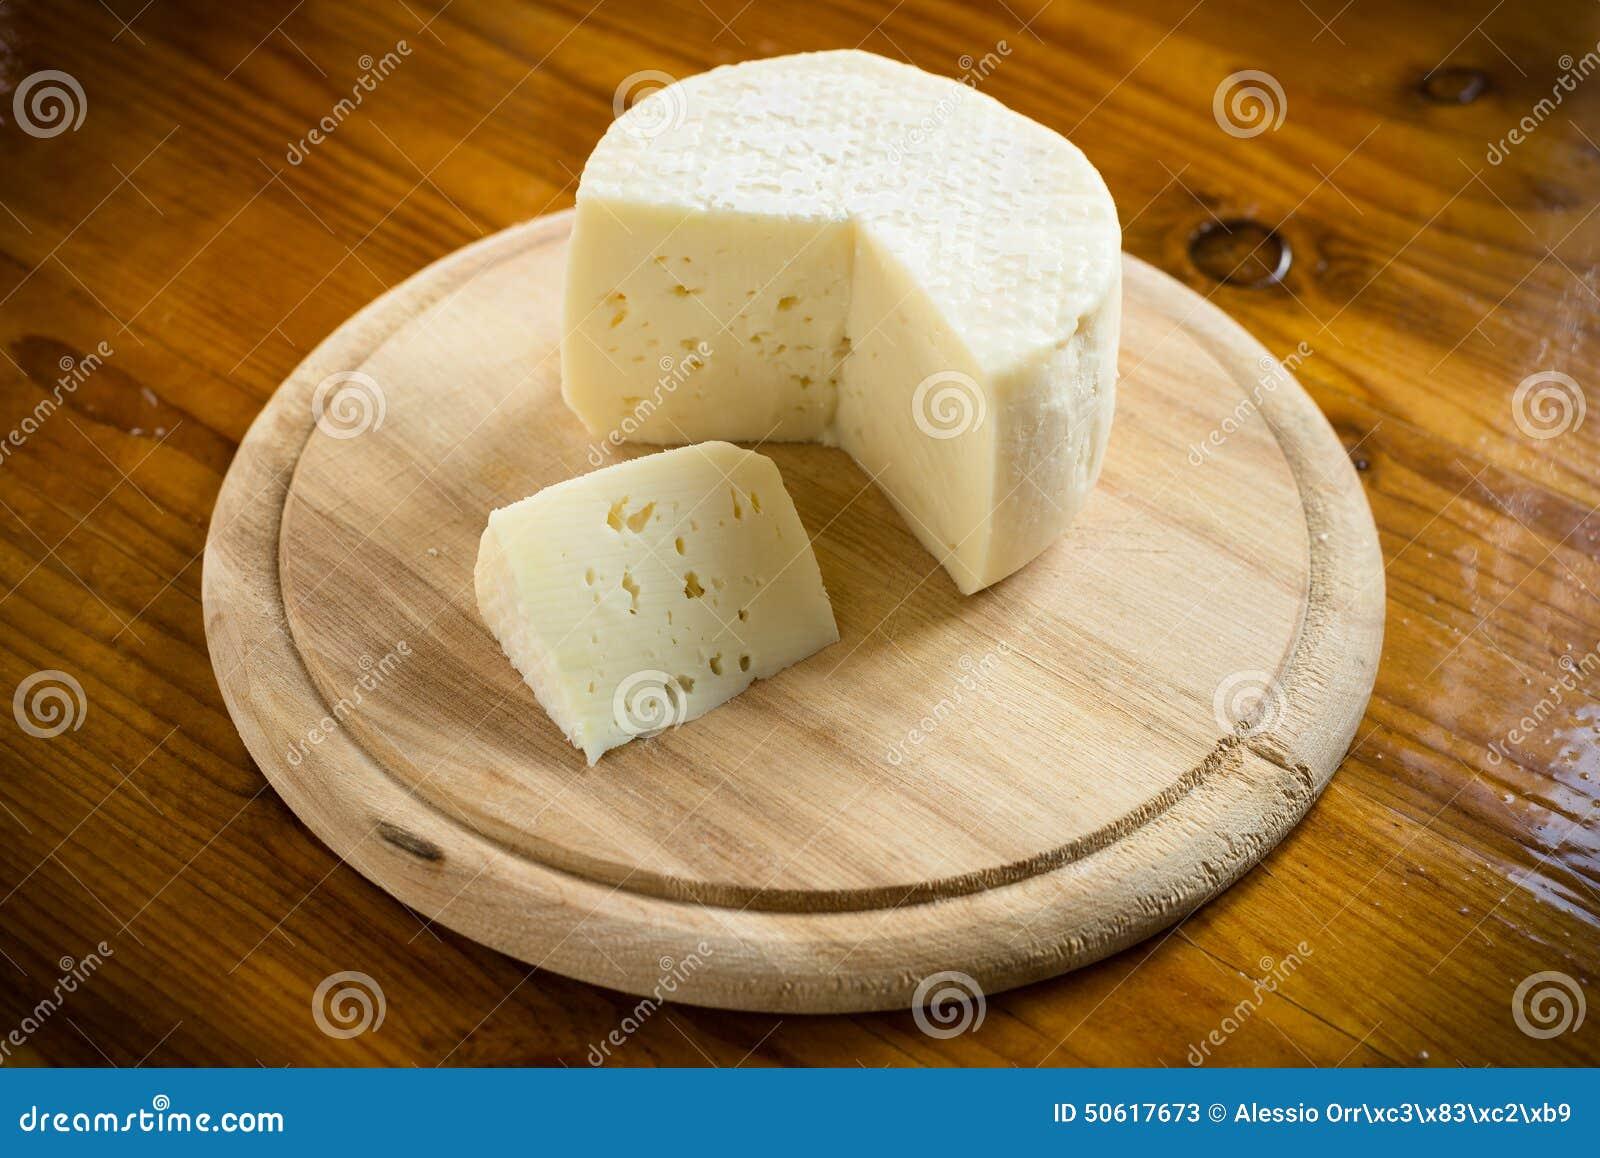 Caciotta, queijo italiano